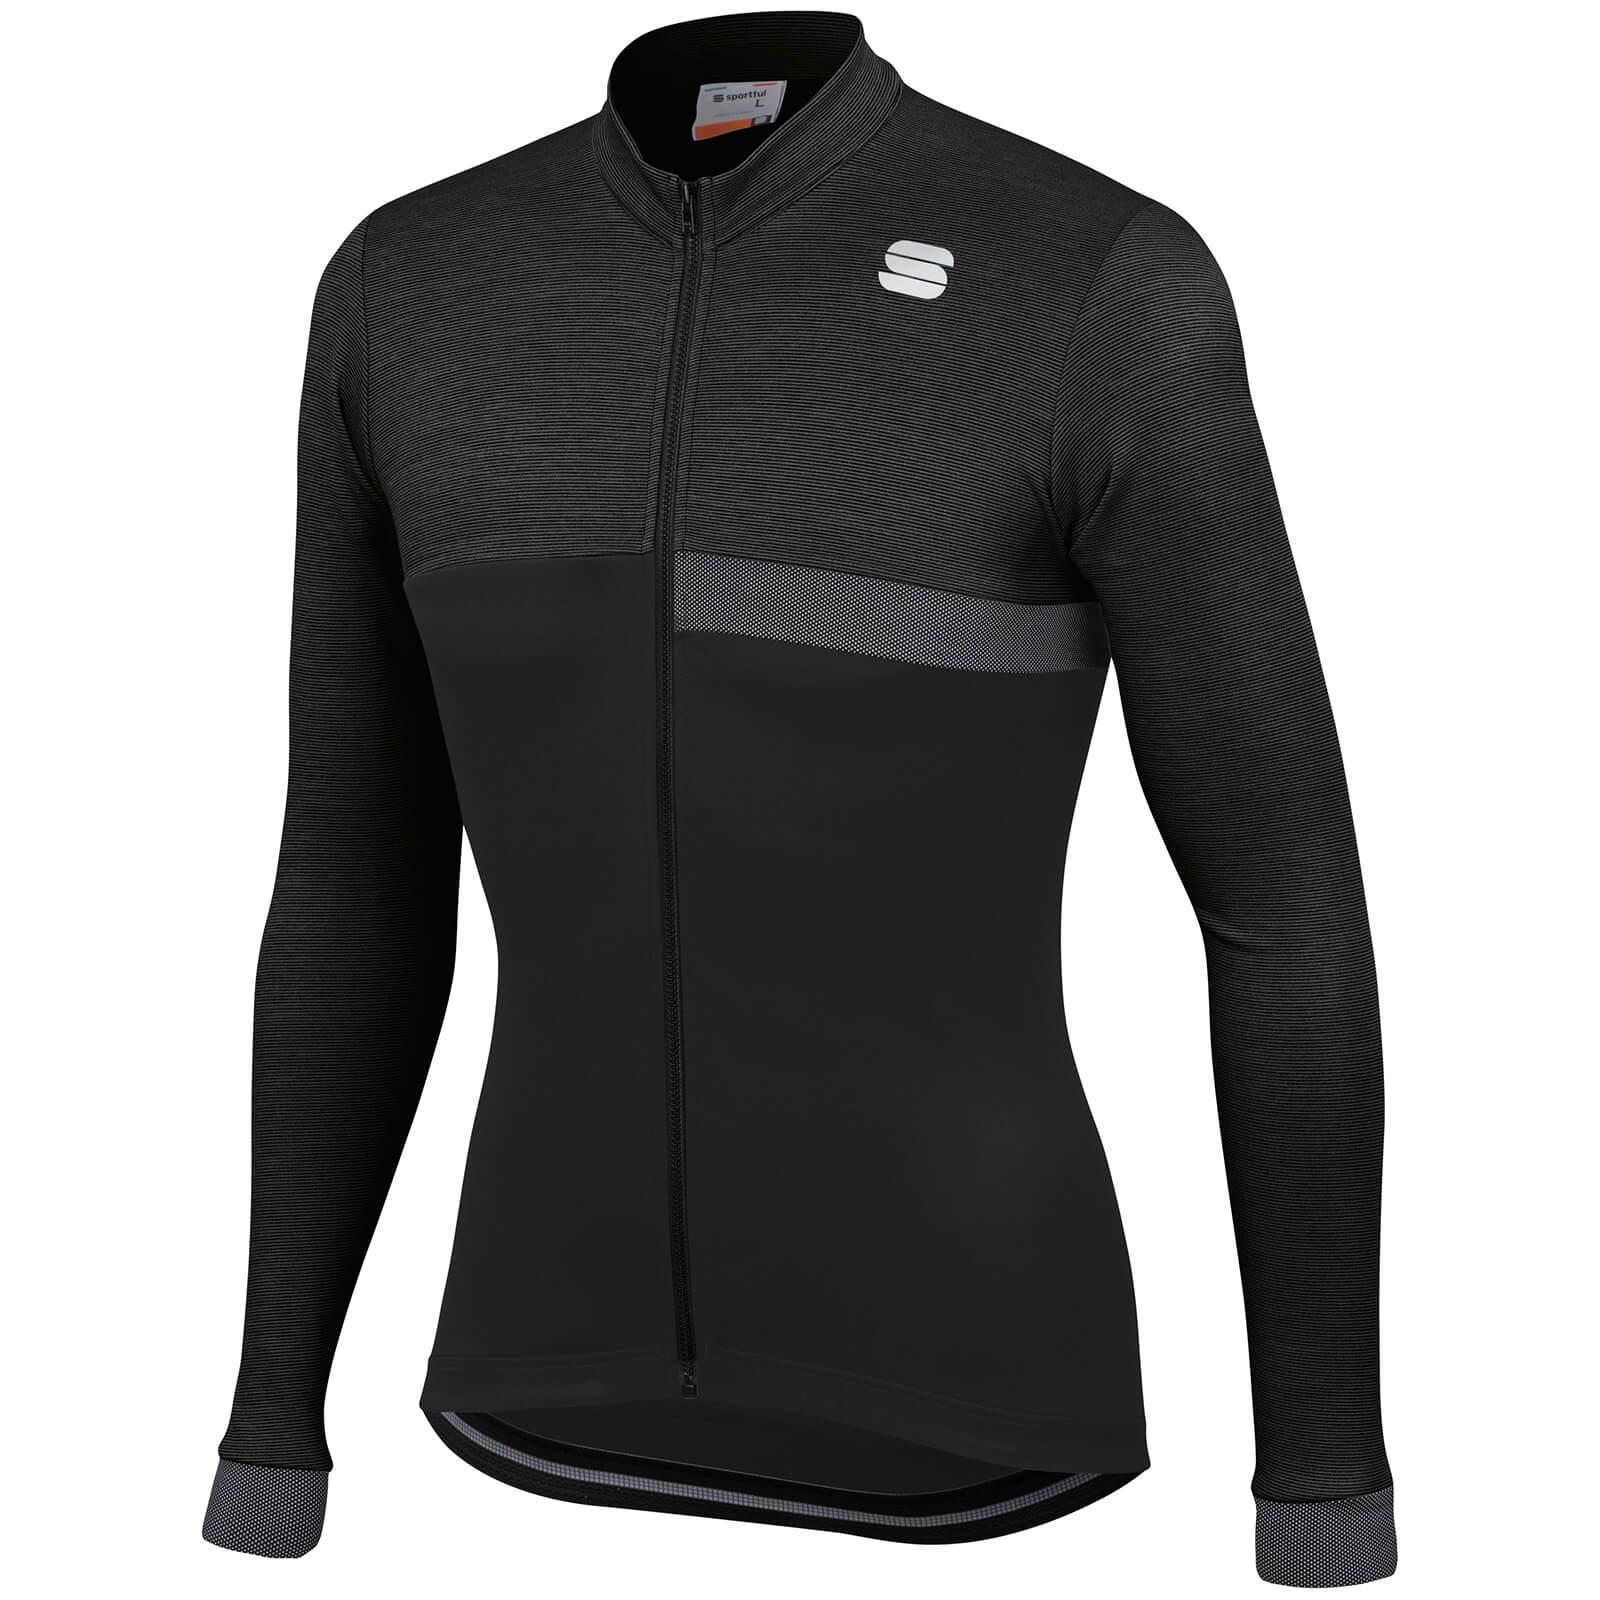 Sportful Giara Thermal Jersey - M